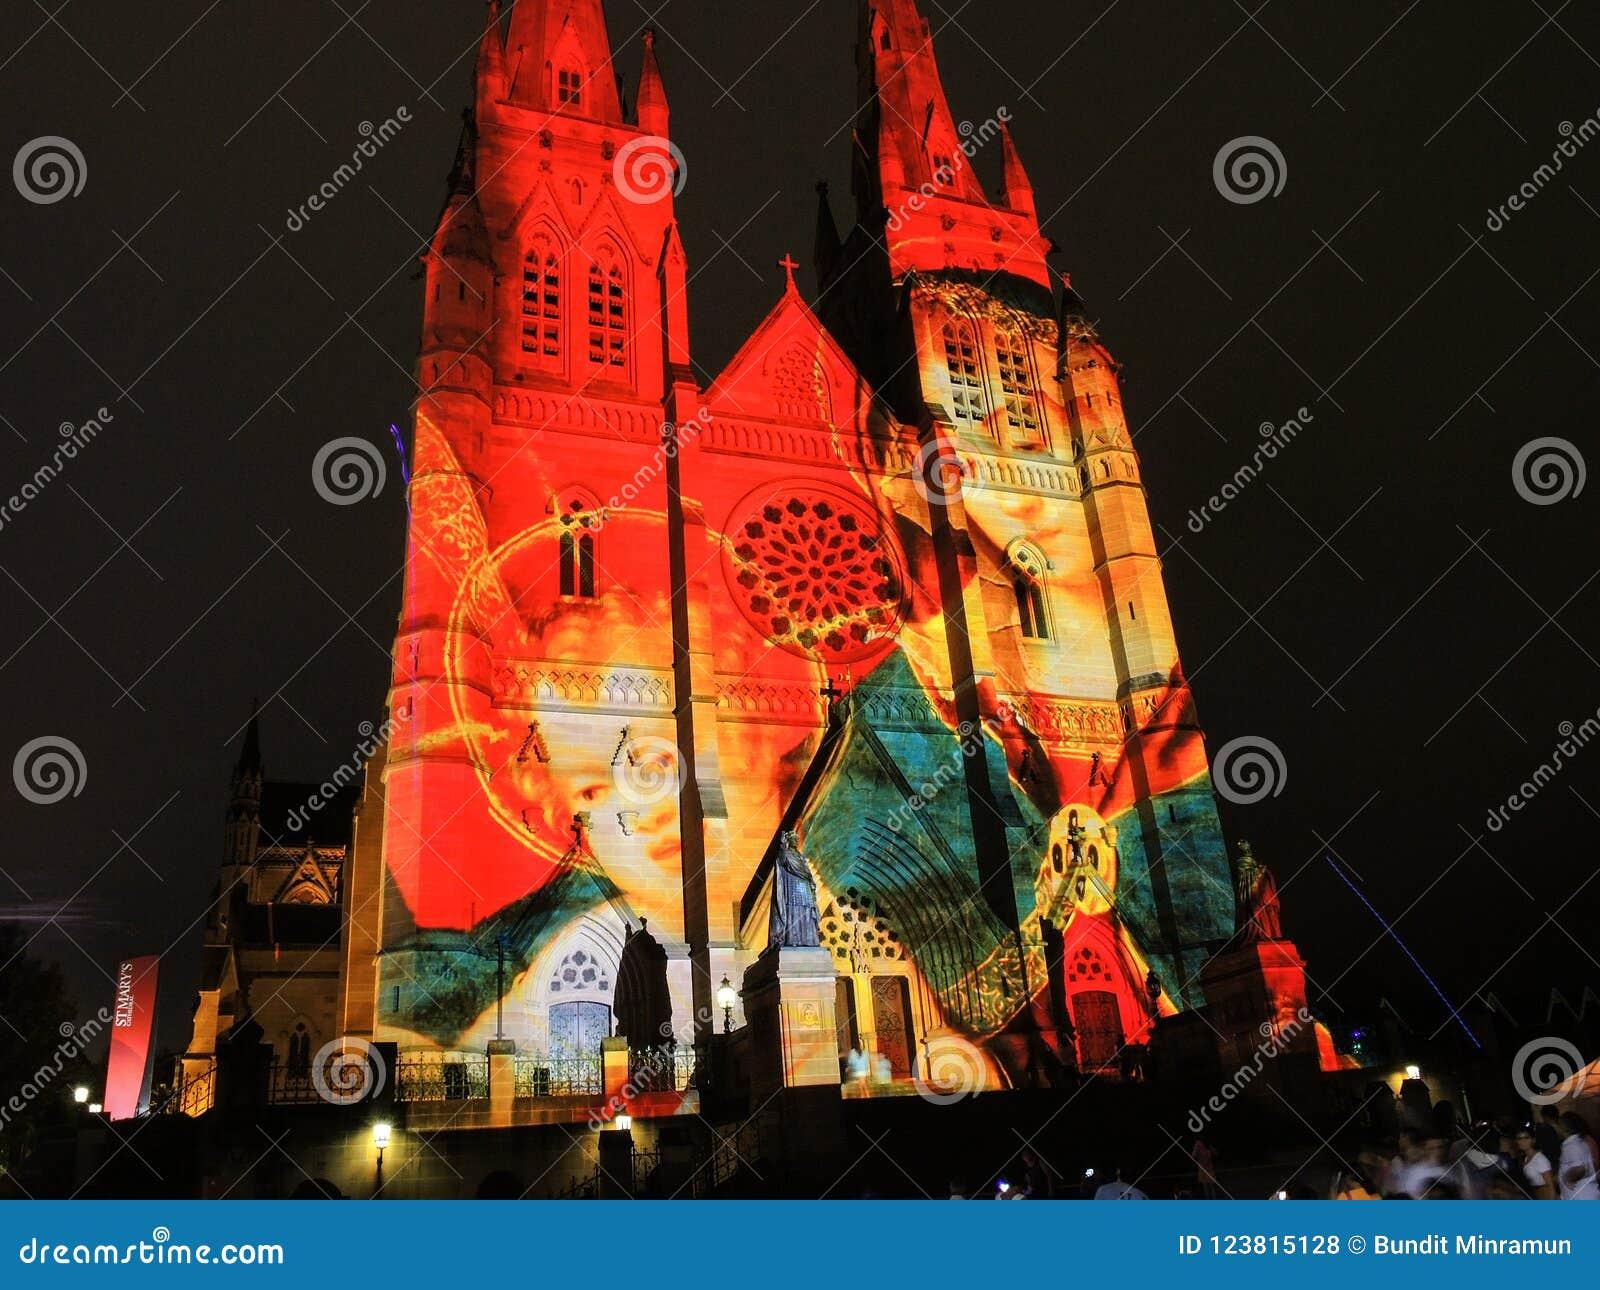 圣诞节光是年会由在圣玛丽` s大教堂教会的投射照明设备讲我们关于耶稣的故事